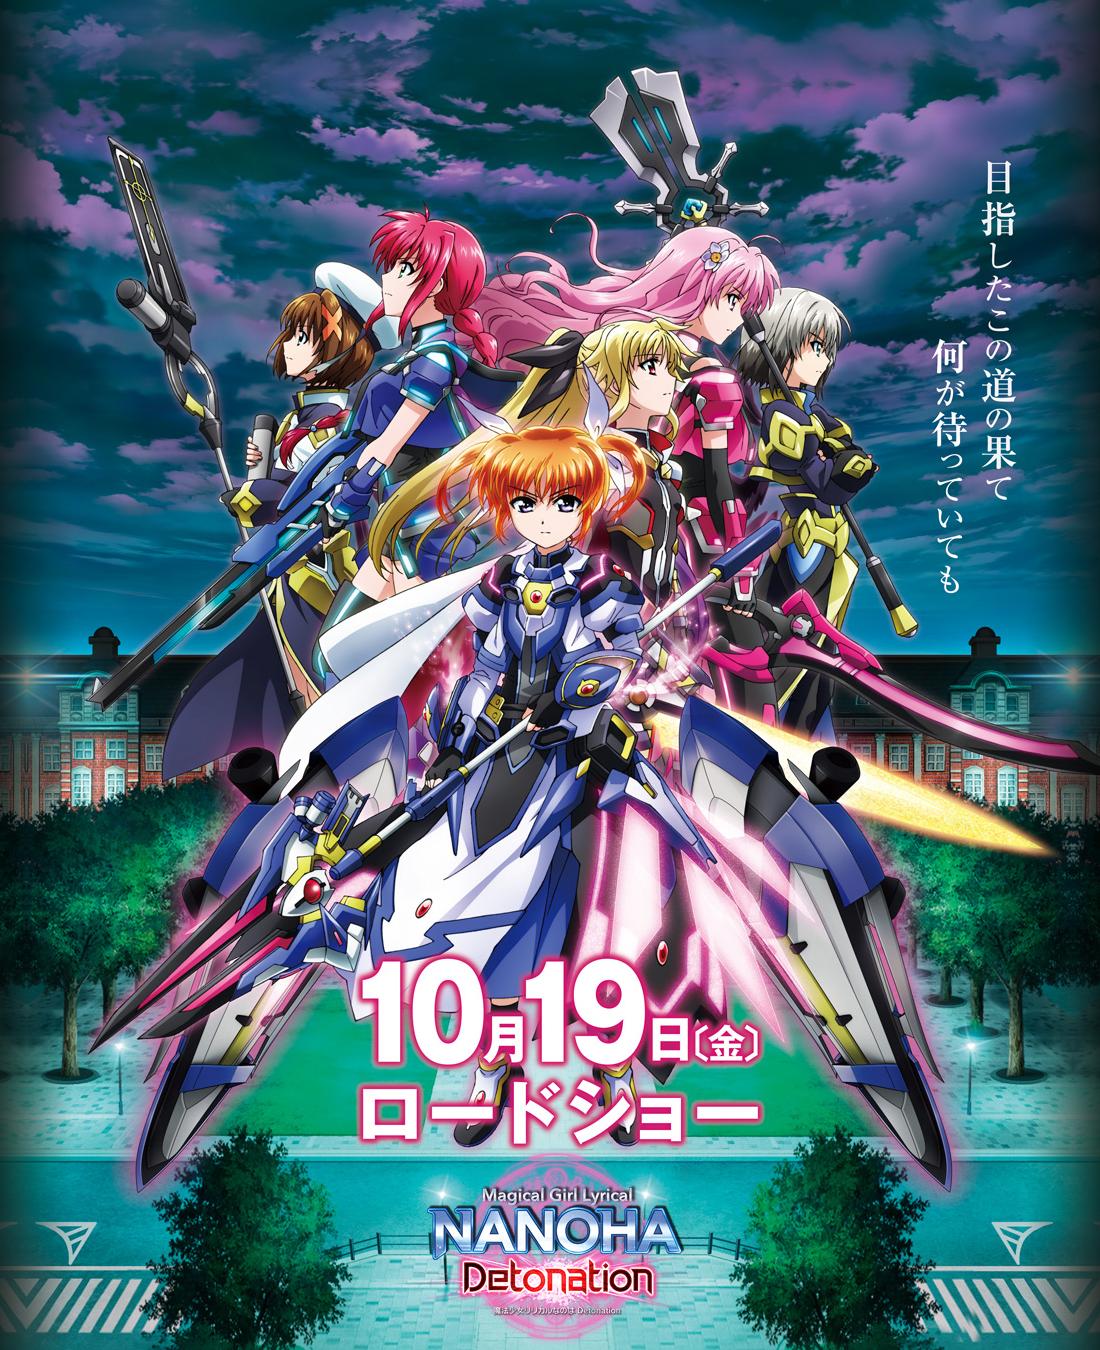 180913(1) -「奈葉×菲特×疾風」預售票特典私服姿態公開、劇場版完結篇《魔法少女奈葉 Detonation》於10/19首映!